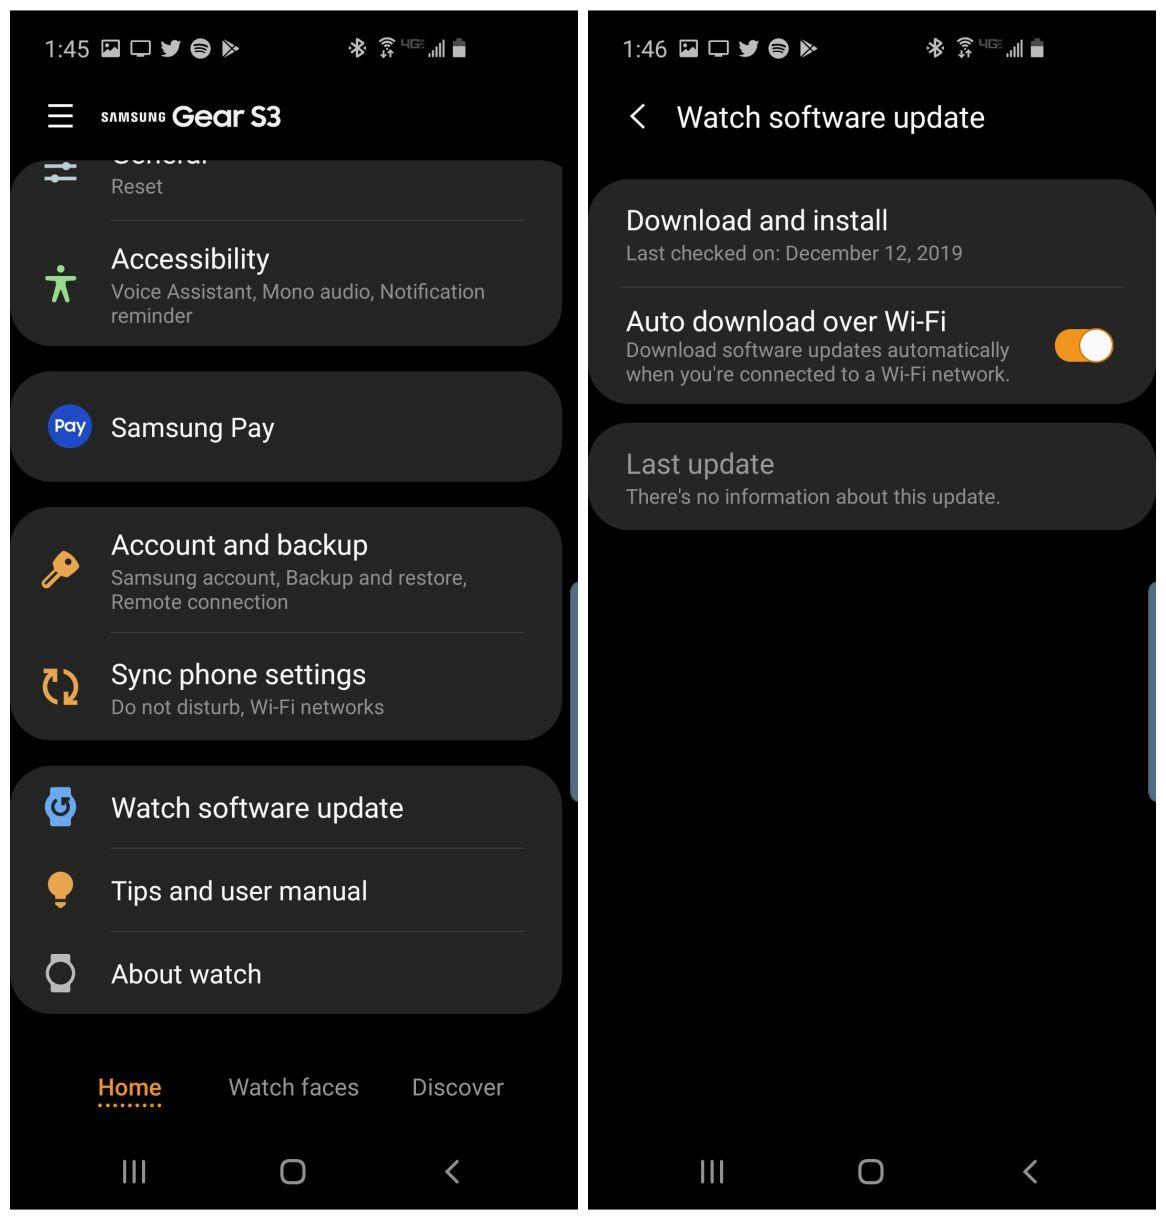 Screenshots of updating Samsung Gear S3